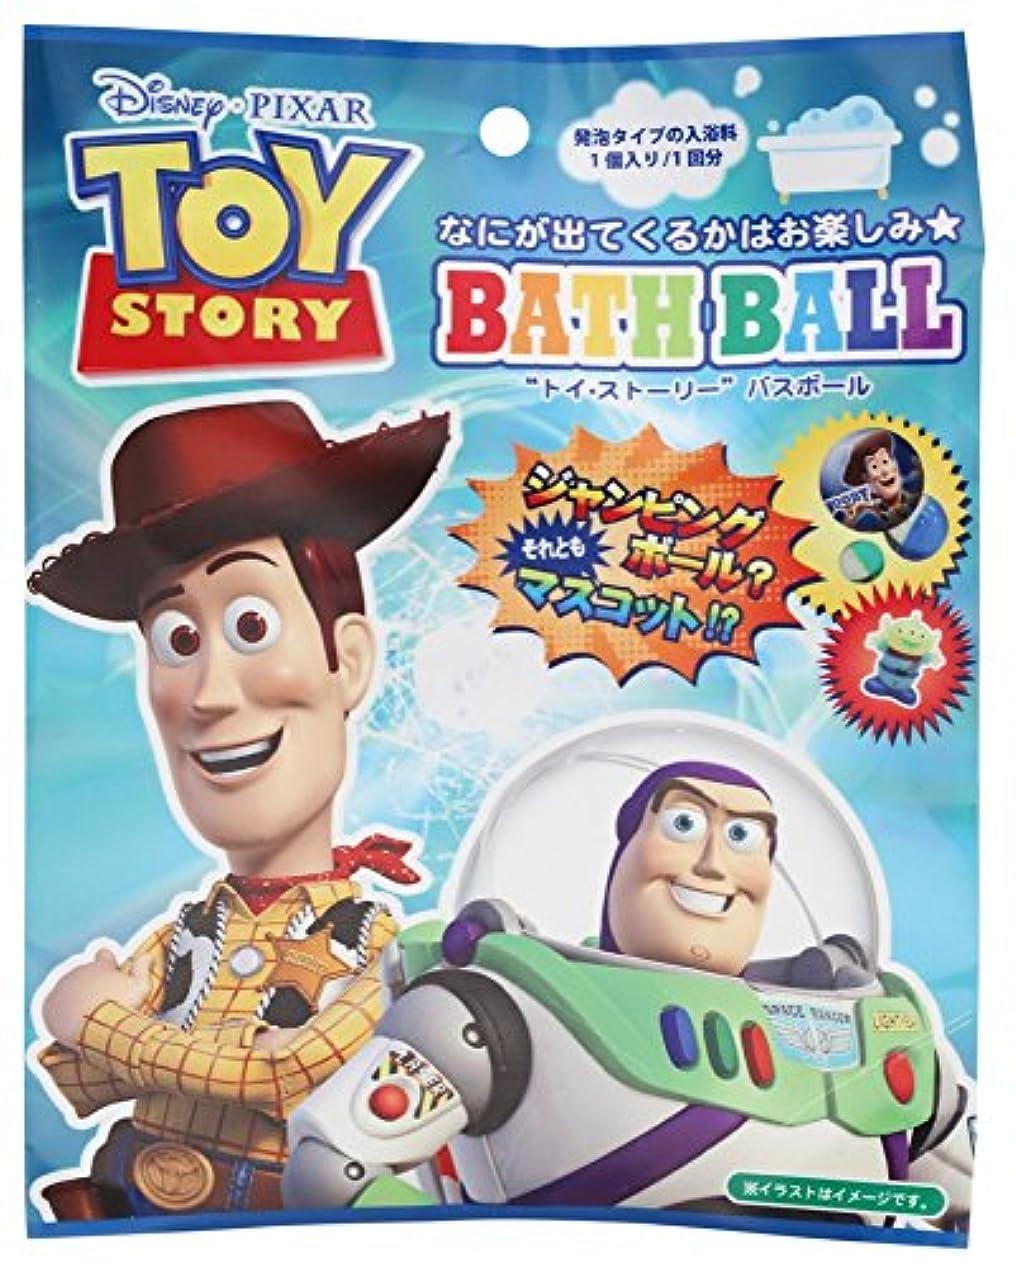 言う主権者あいまいディズニー 入浴剤 トイストーリーバスボール おまけ付き DIP-80-01